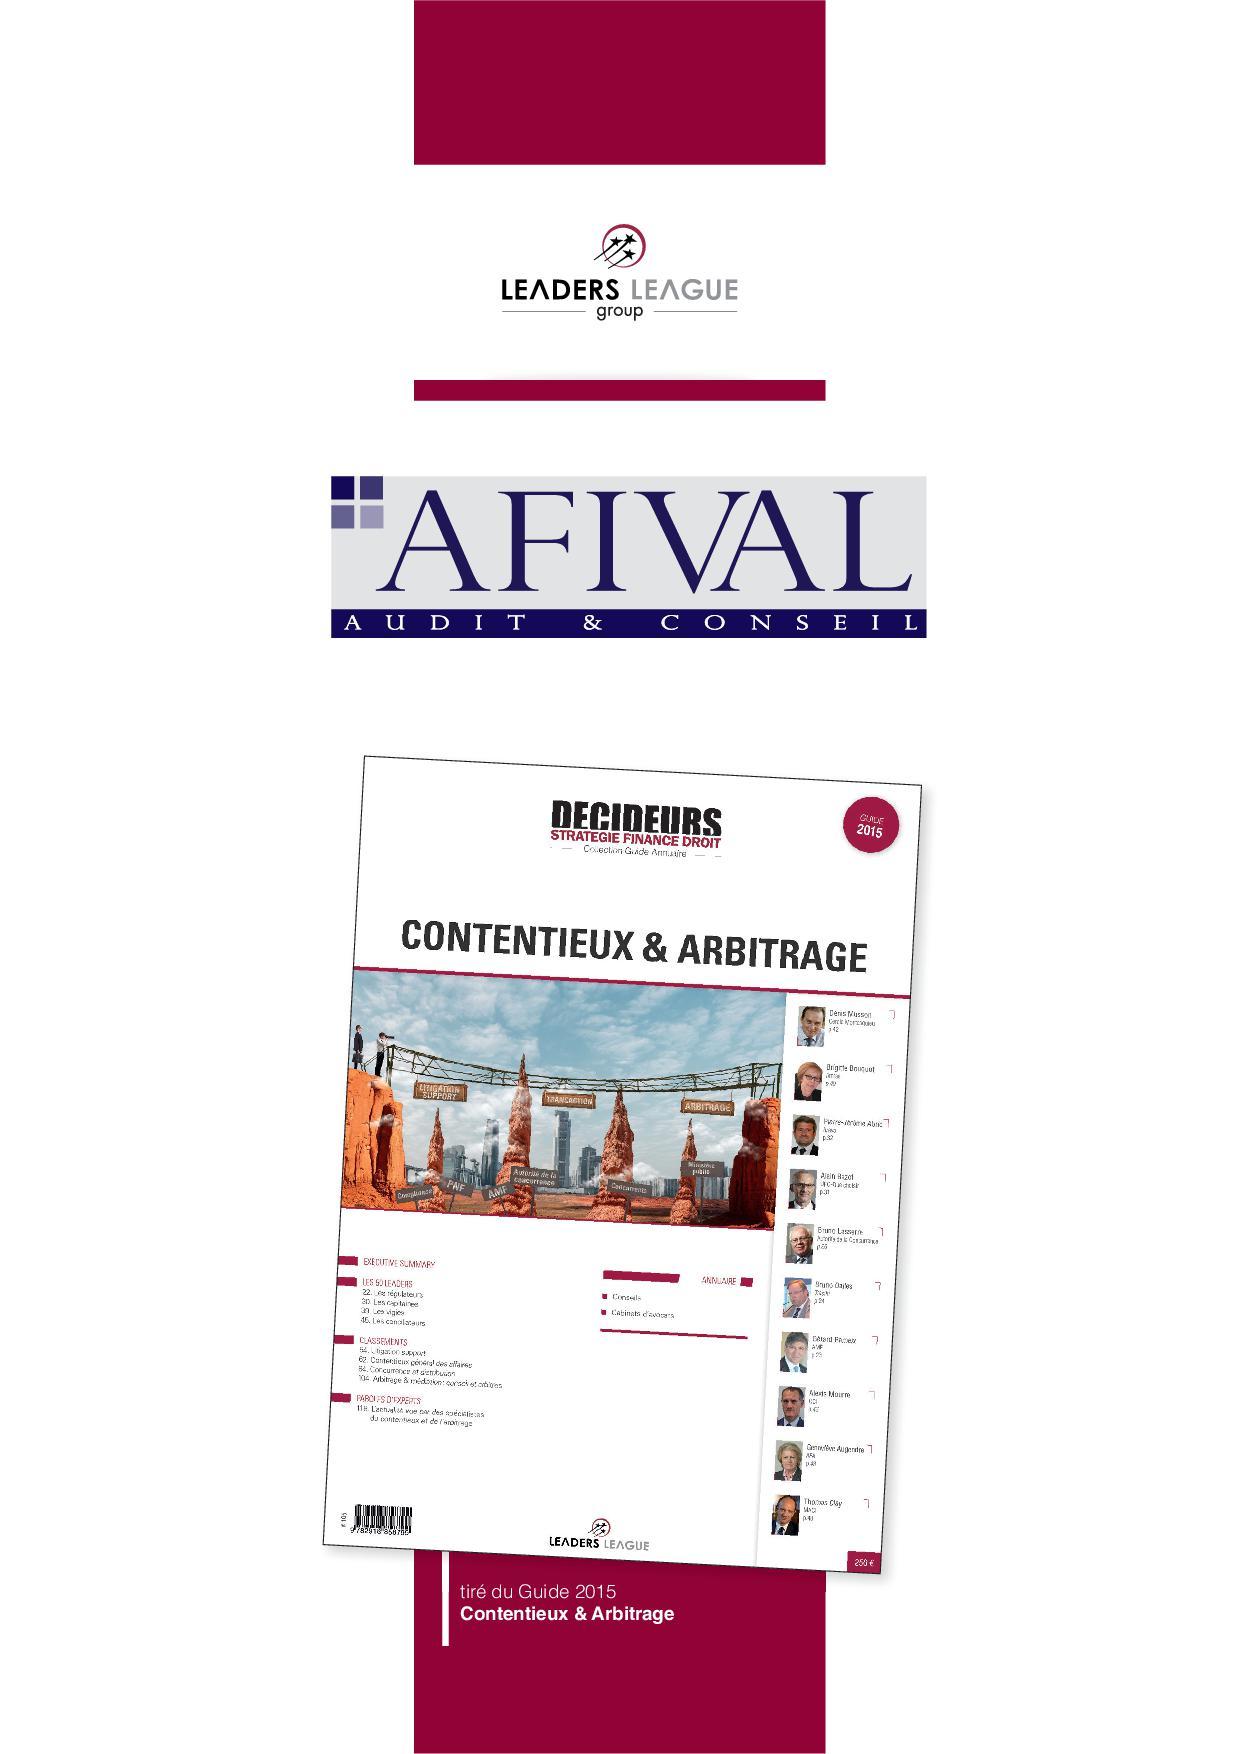 AFIVAL_TAP_Contentieux_2015 SITE INTERNET